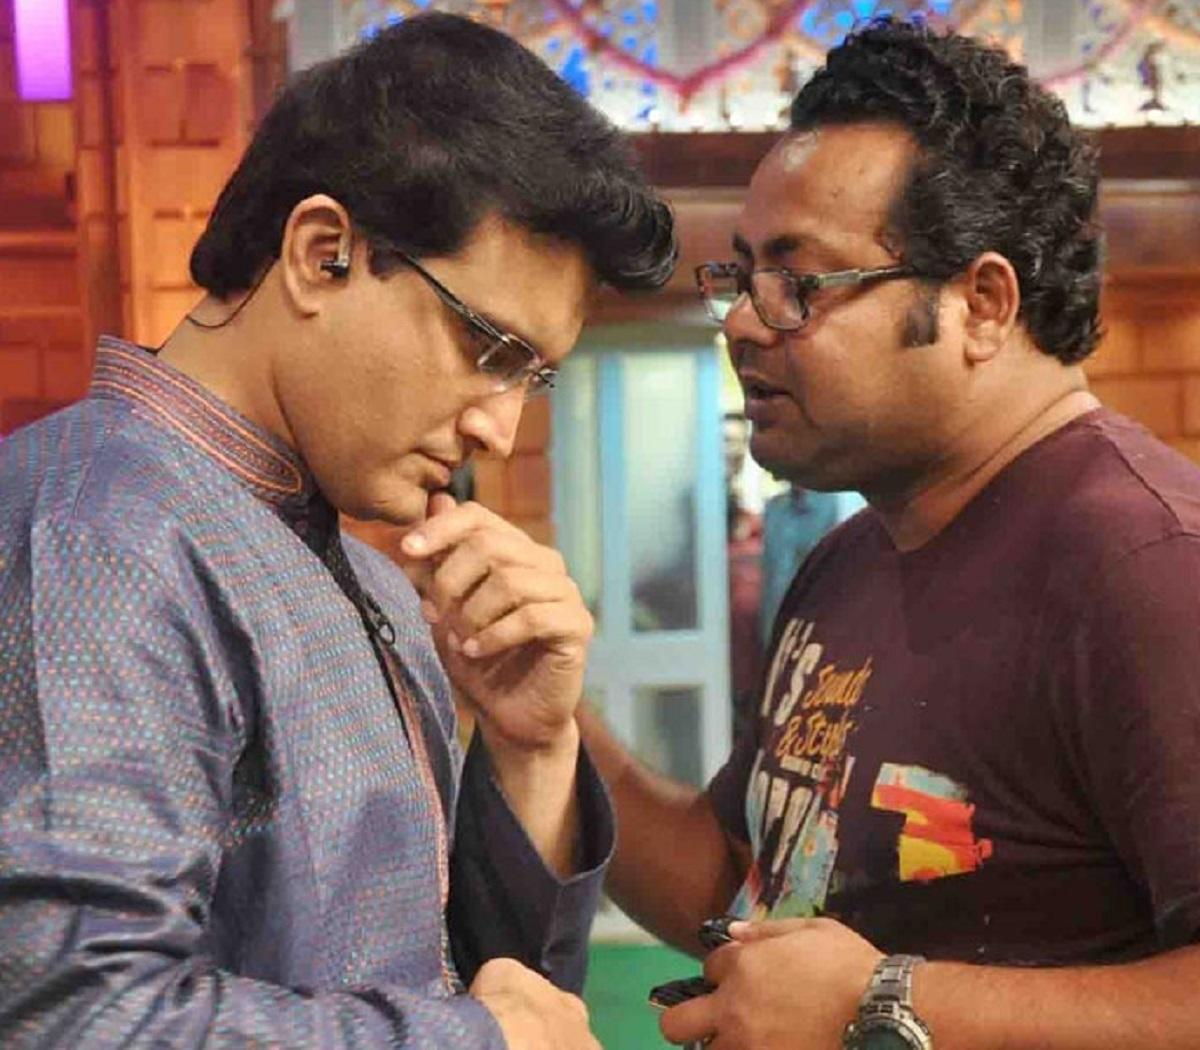 Subhankar Chattopadhyay directing Sourav during Dadagiri